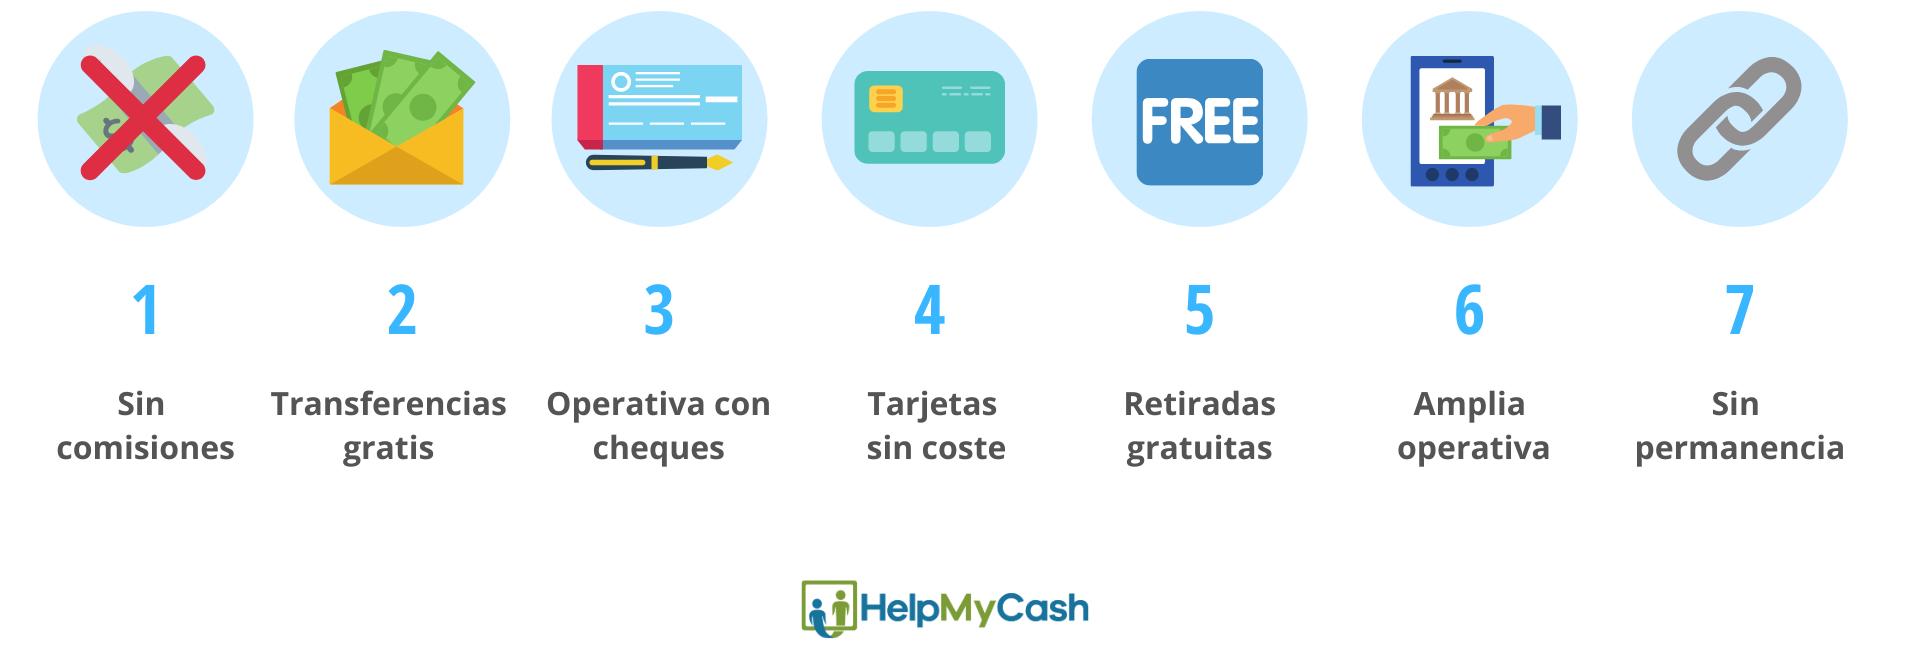 7 ventajas de las cuentas sin comisiones sin nómina: 1- sin comisiones. 2- transferencias gratis. 3- operativas con cheques. 4- tarjetas sin coste. 5- retiradas gratuitas. 6- amplia operativa. 7- sin permanencia